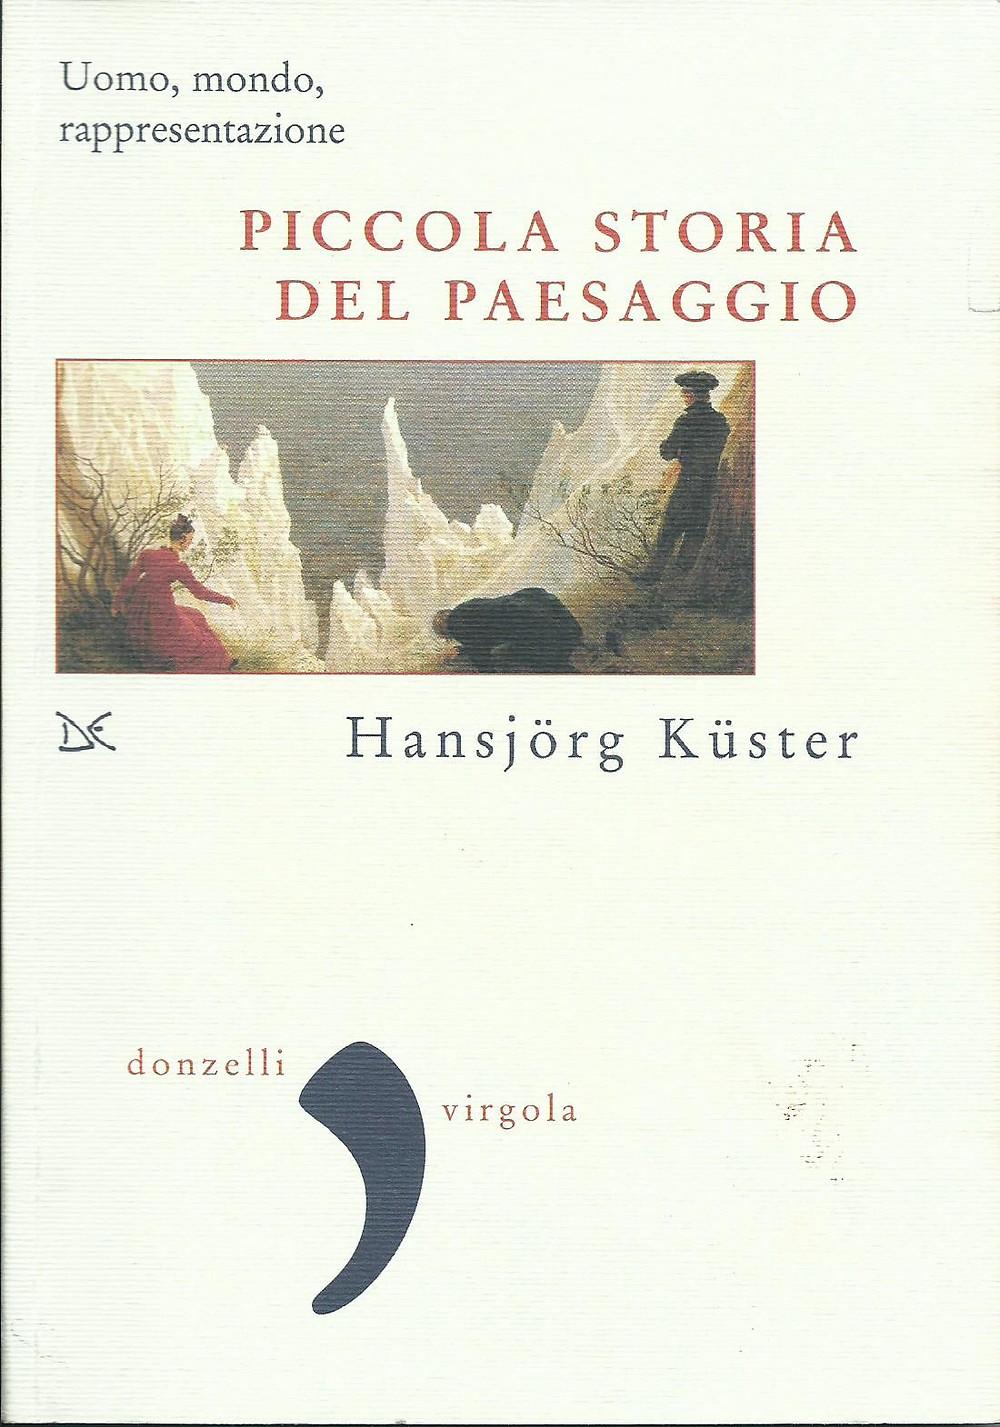 Hanjorg Kuster, Piccola storia del paesaggio